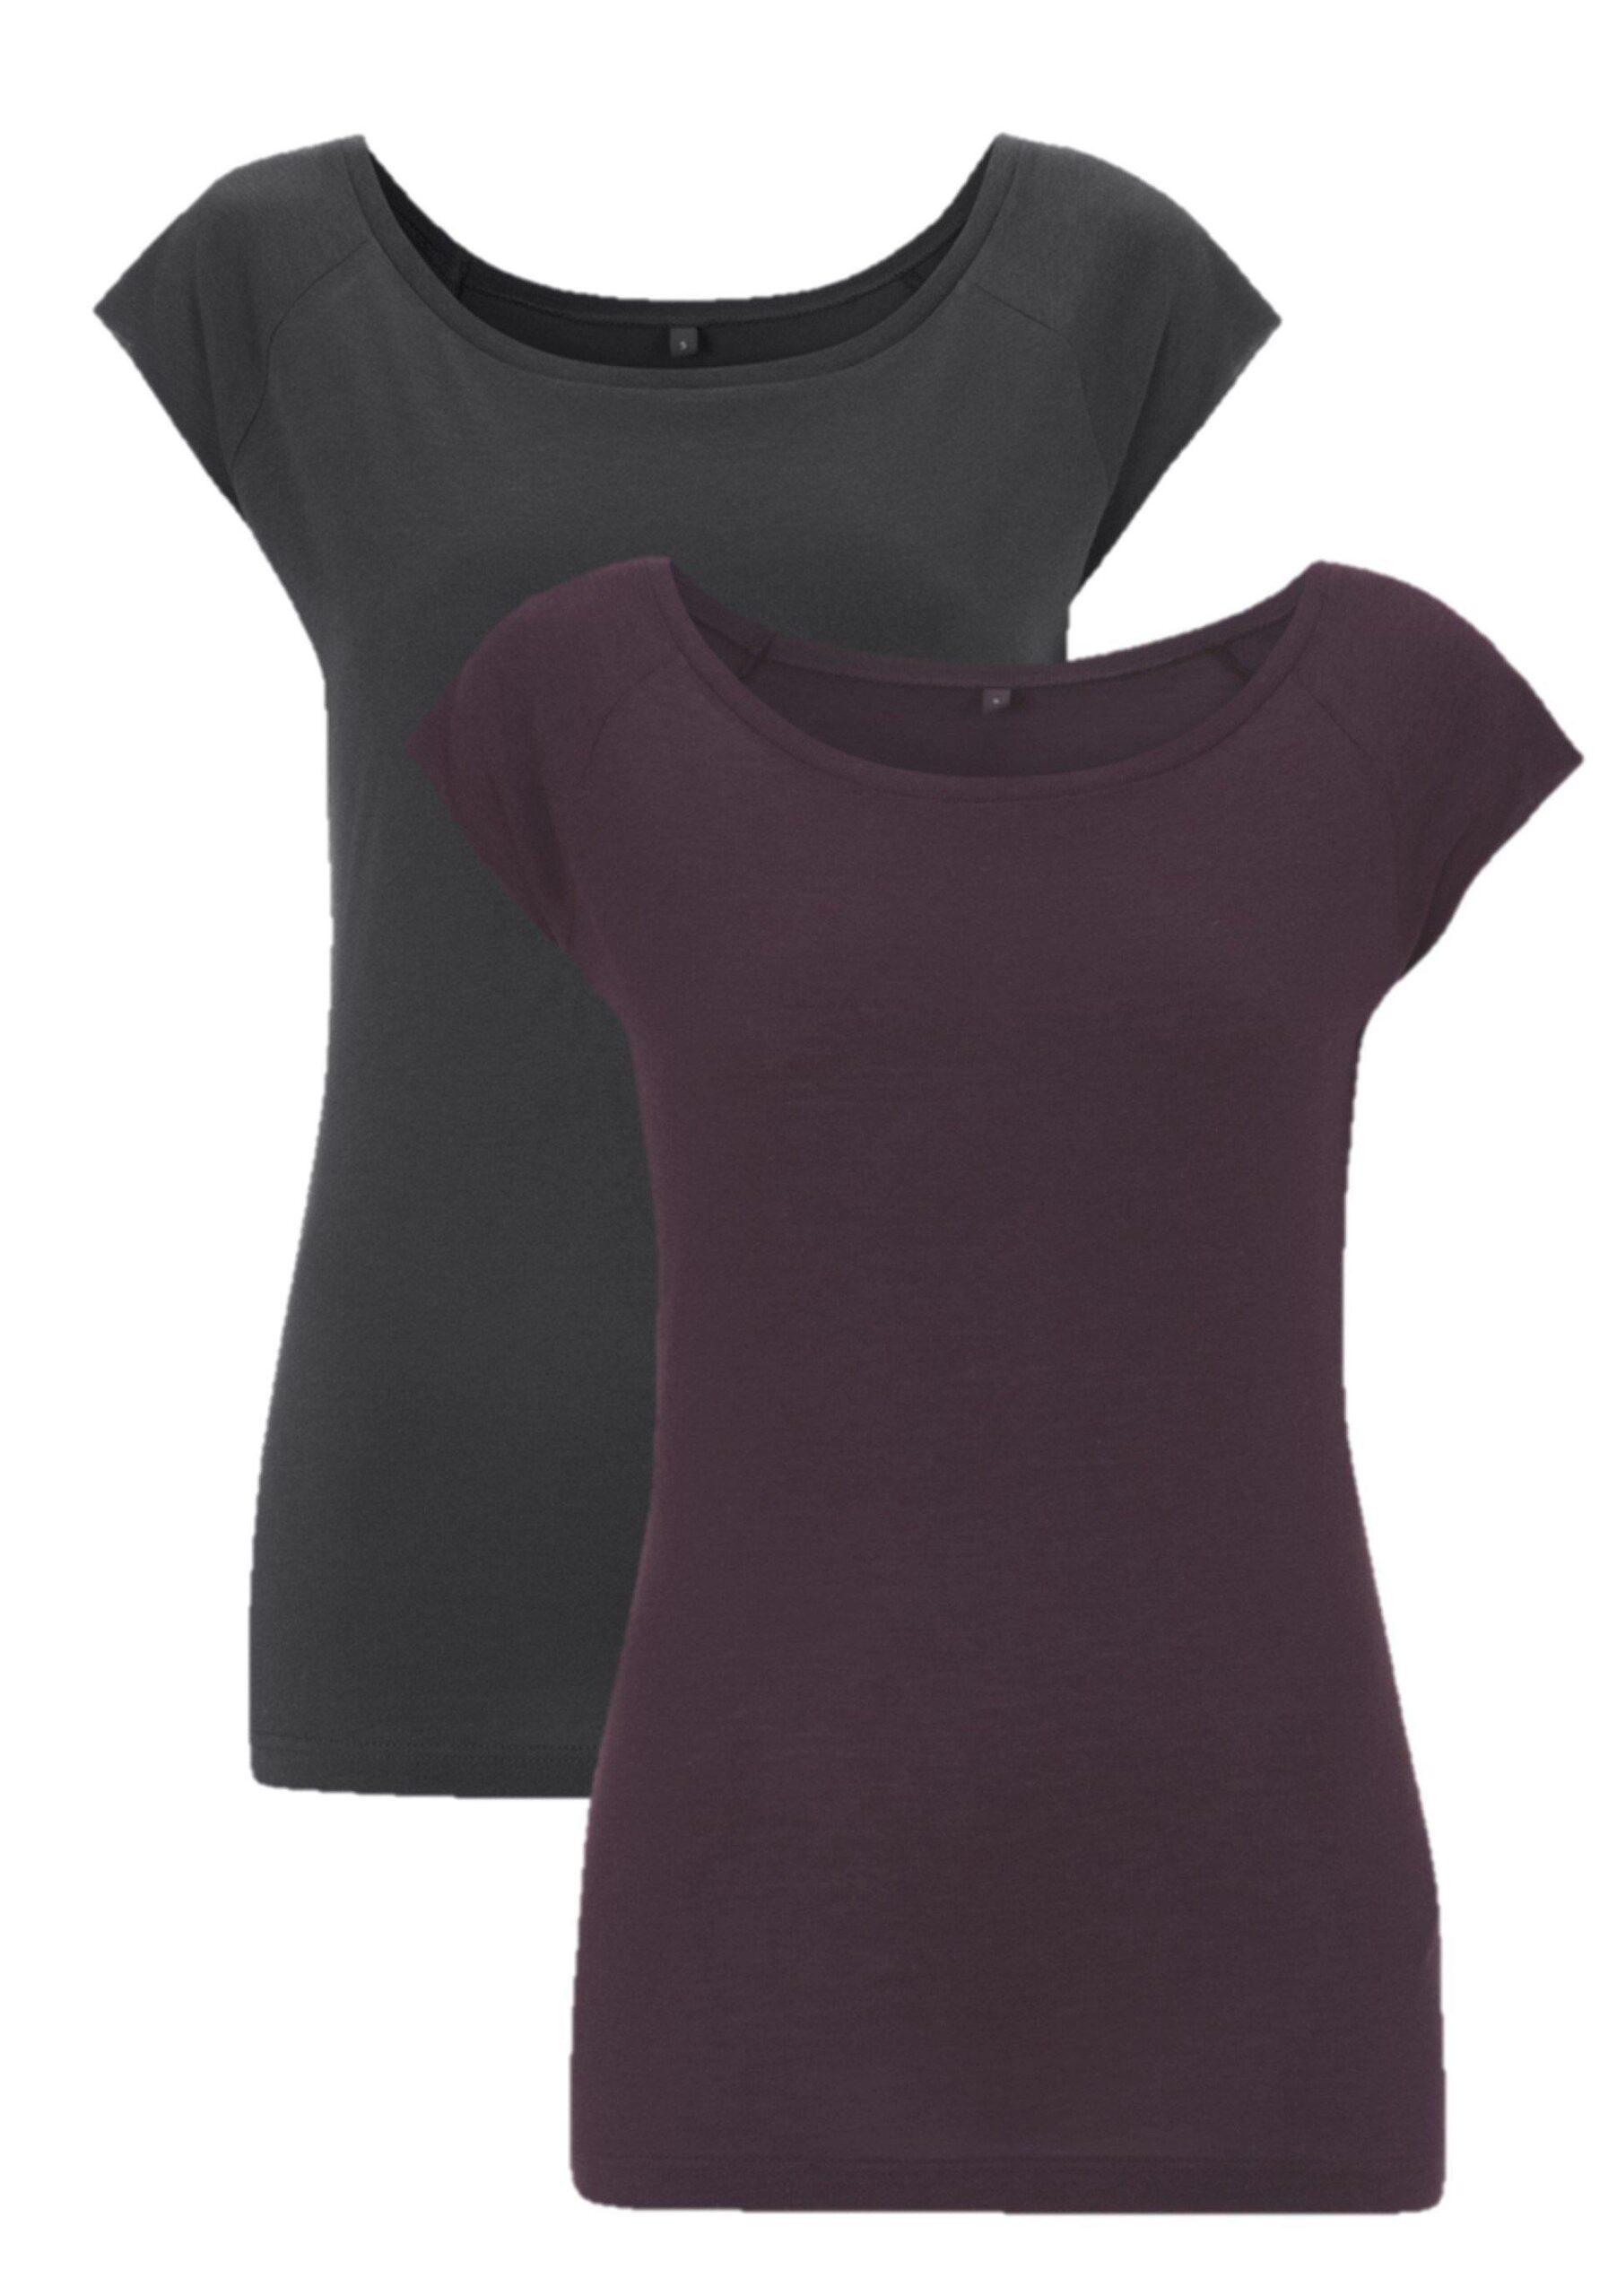 Bamboe t-shirt dames 2-pack mix paars/grijs